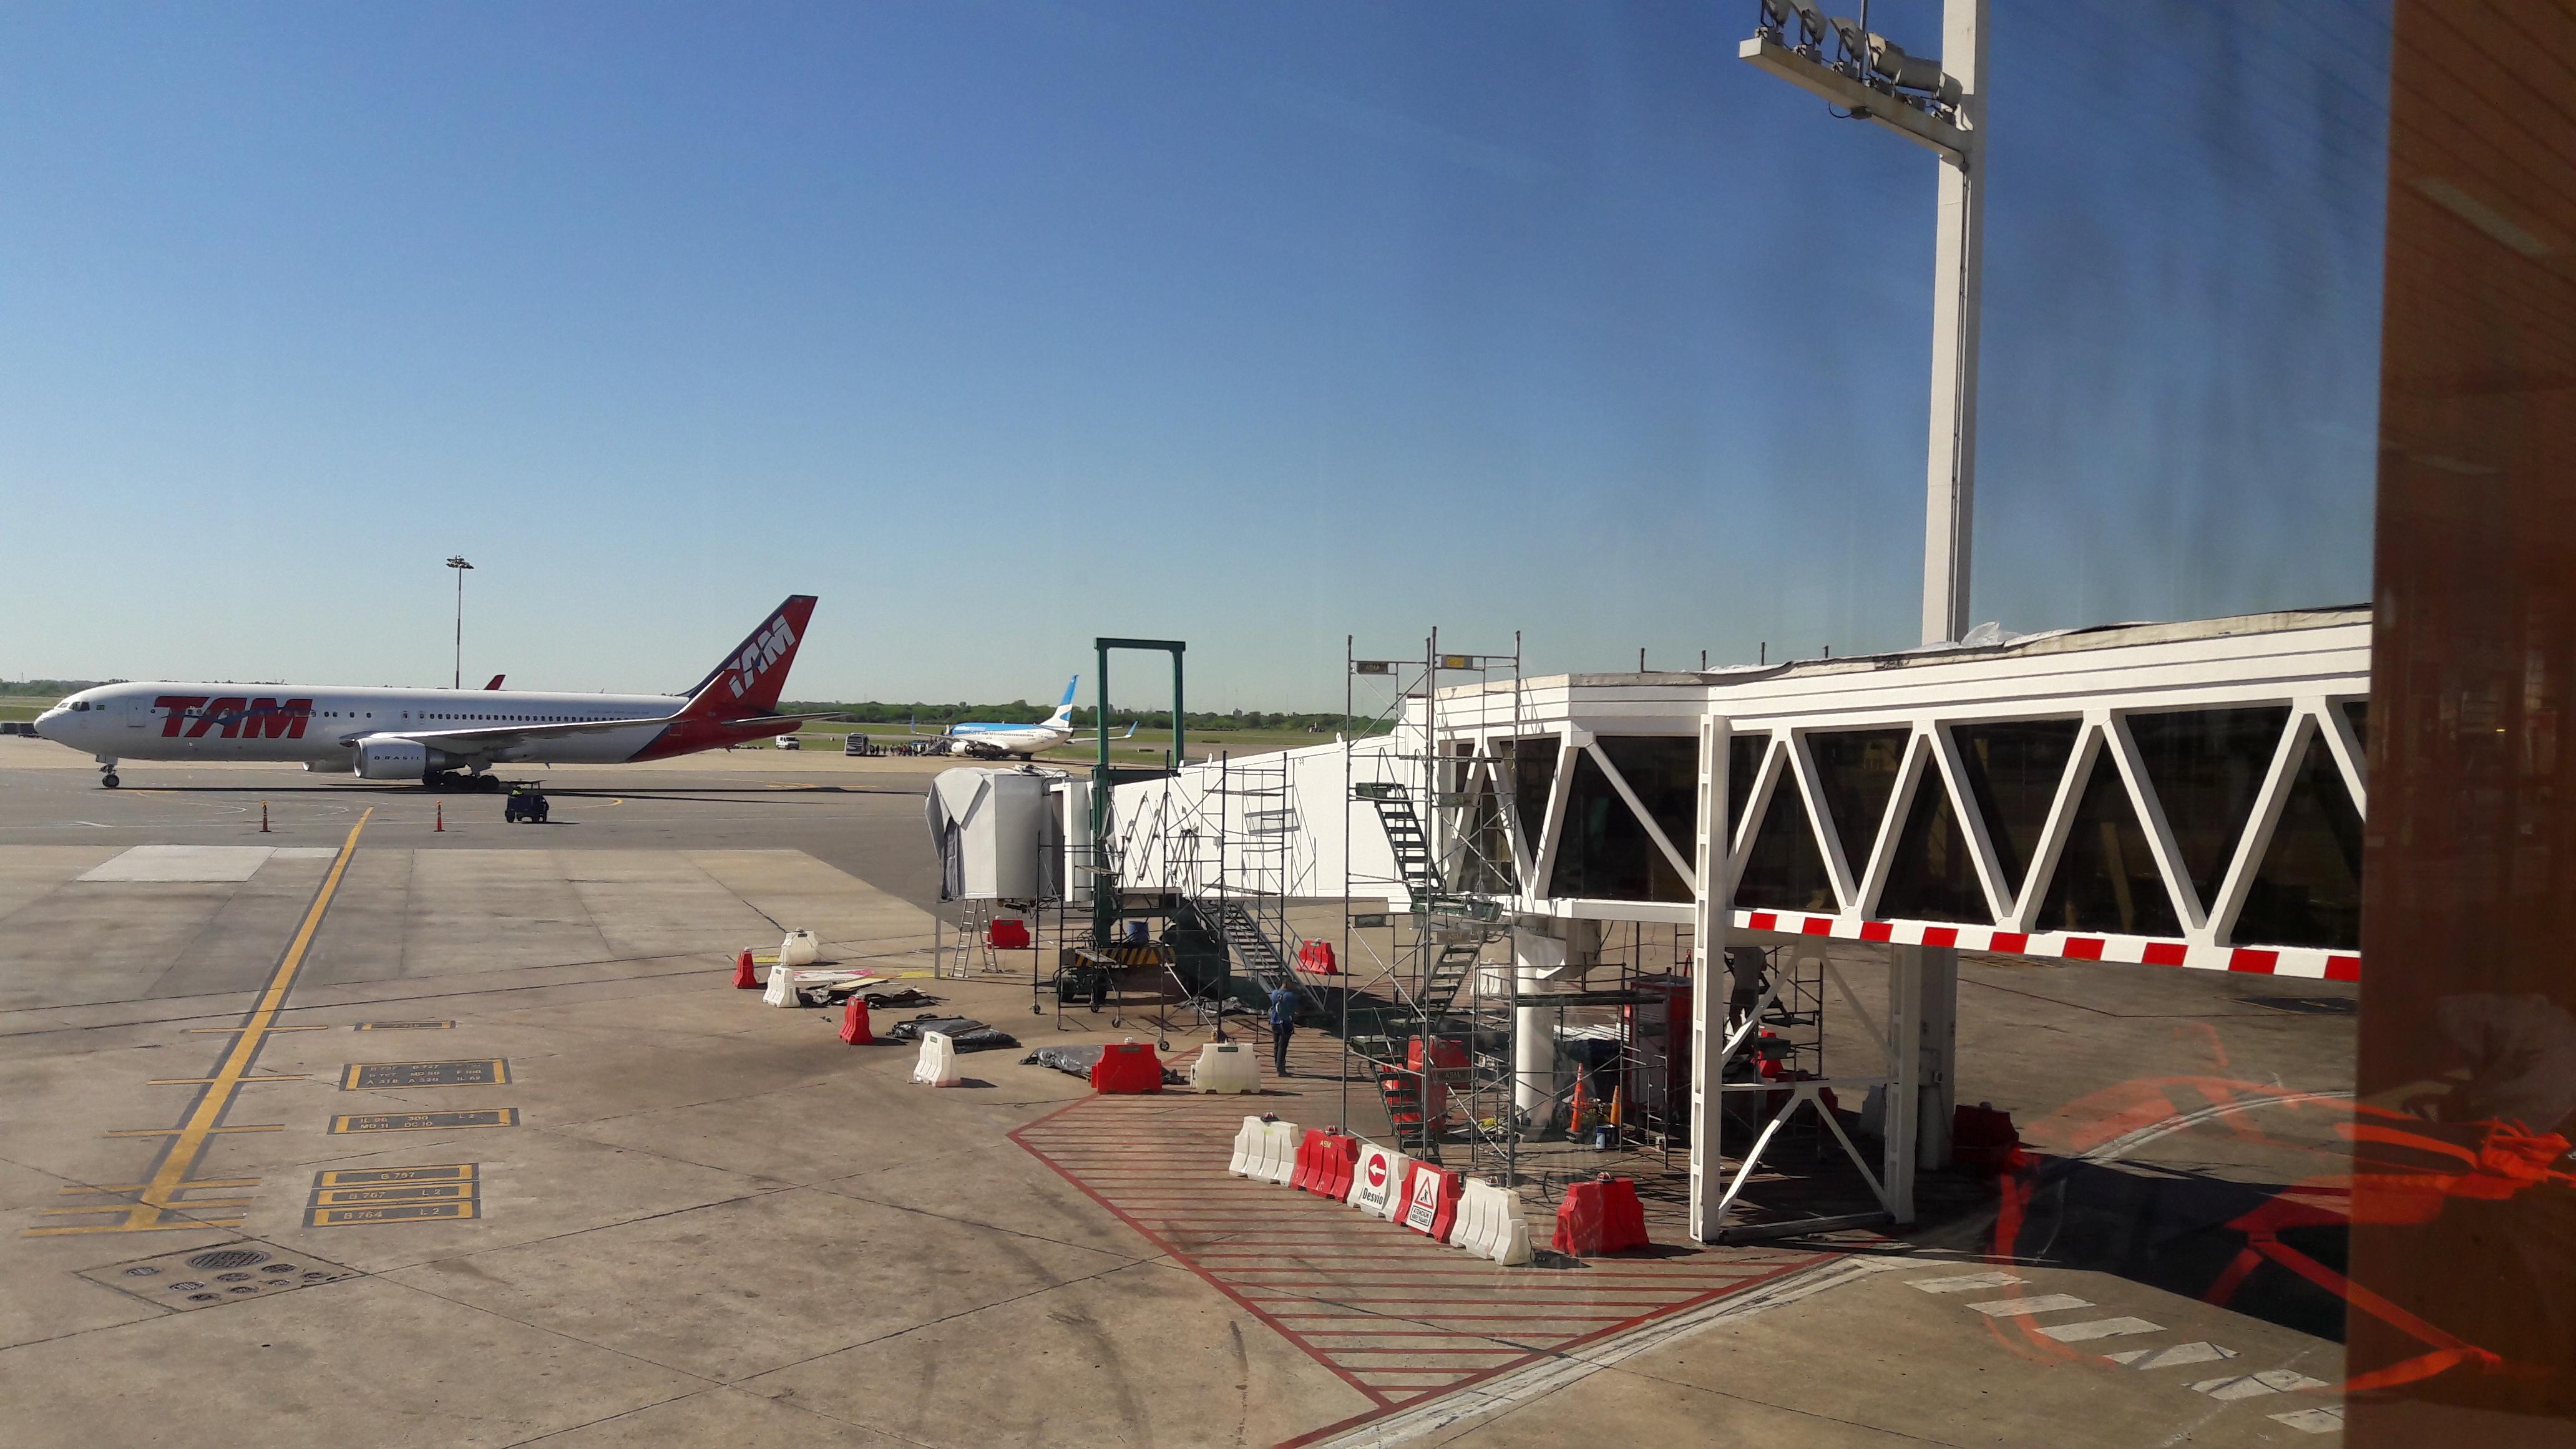 29.11.16 Flughafen Buenos Aires